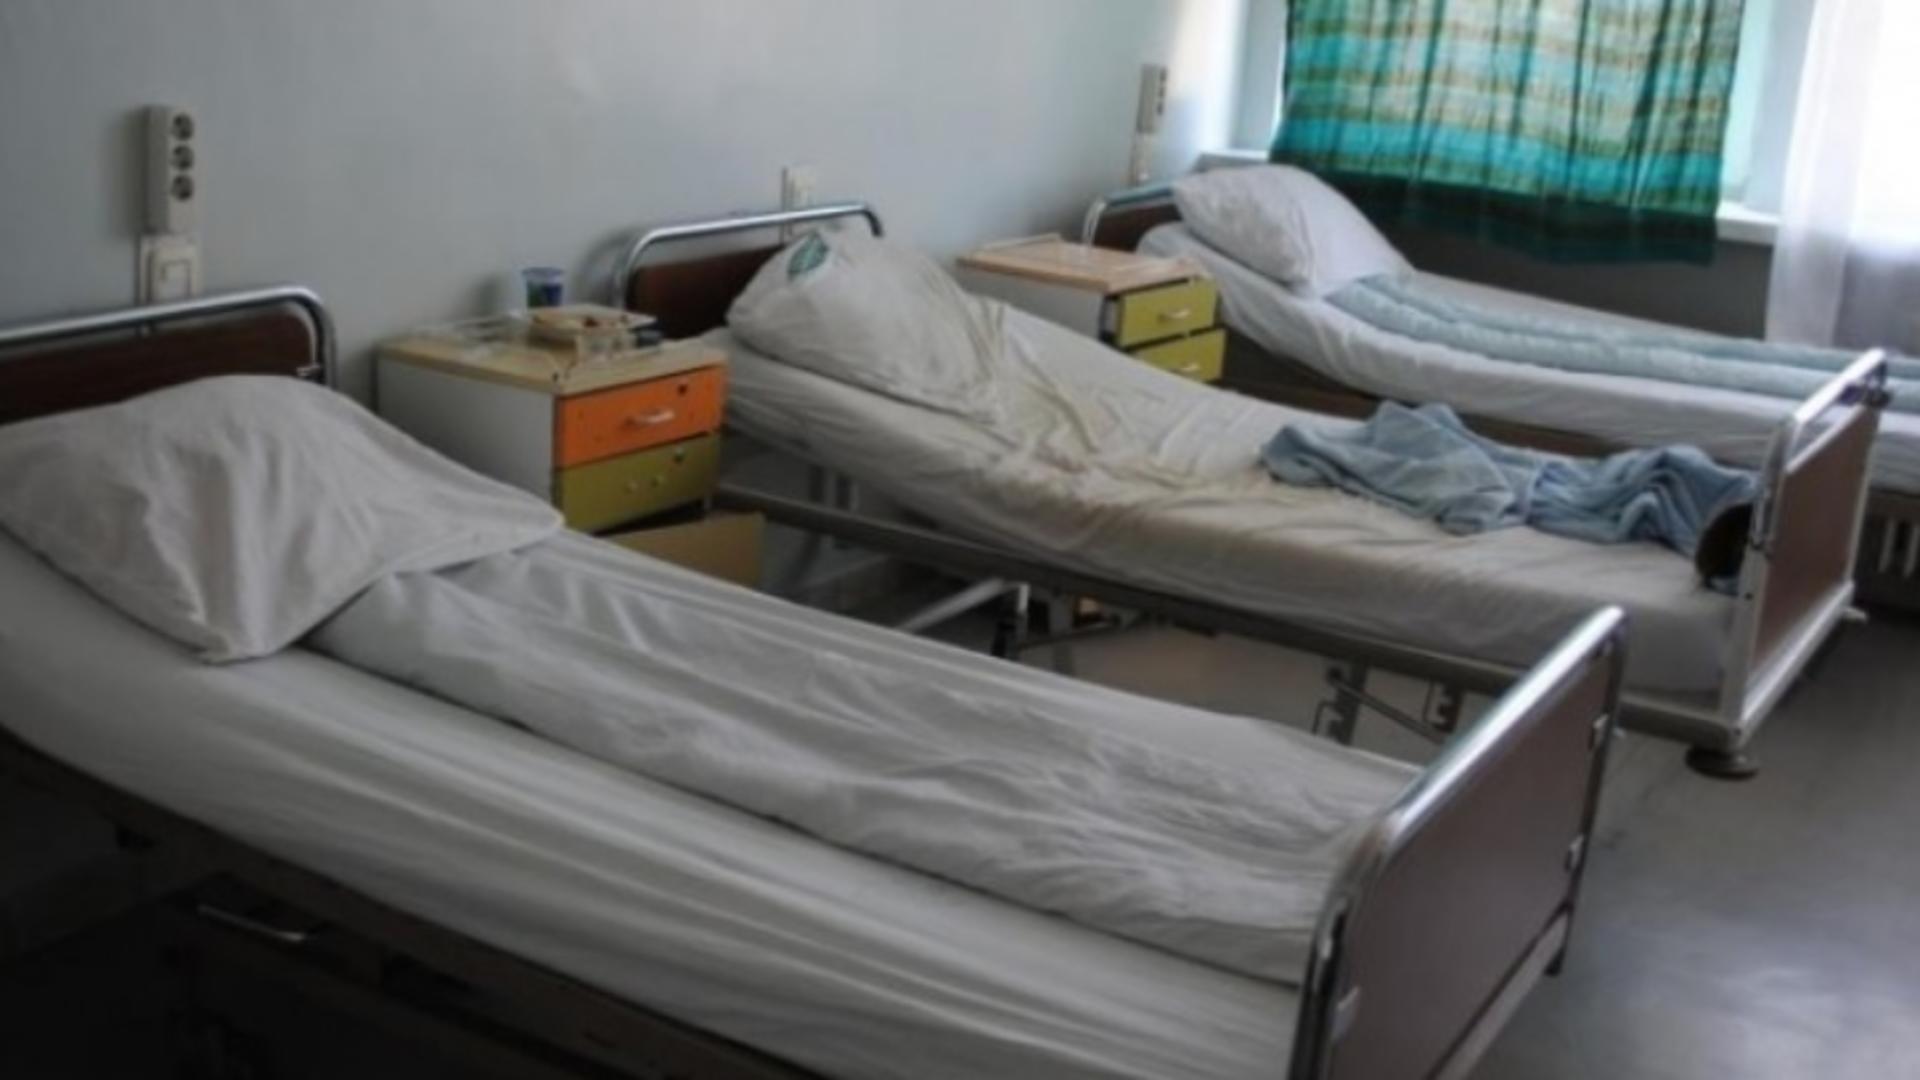 Spitalul Județean Constanța este vizat de mai multe anchete